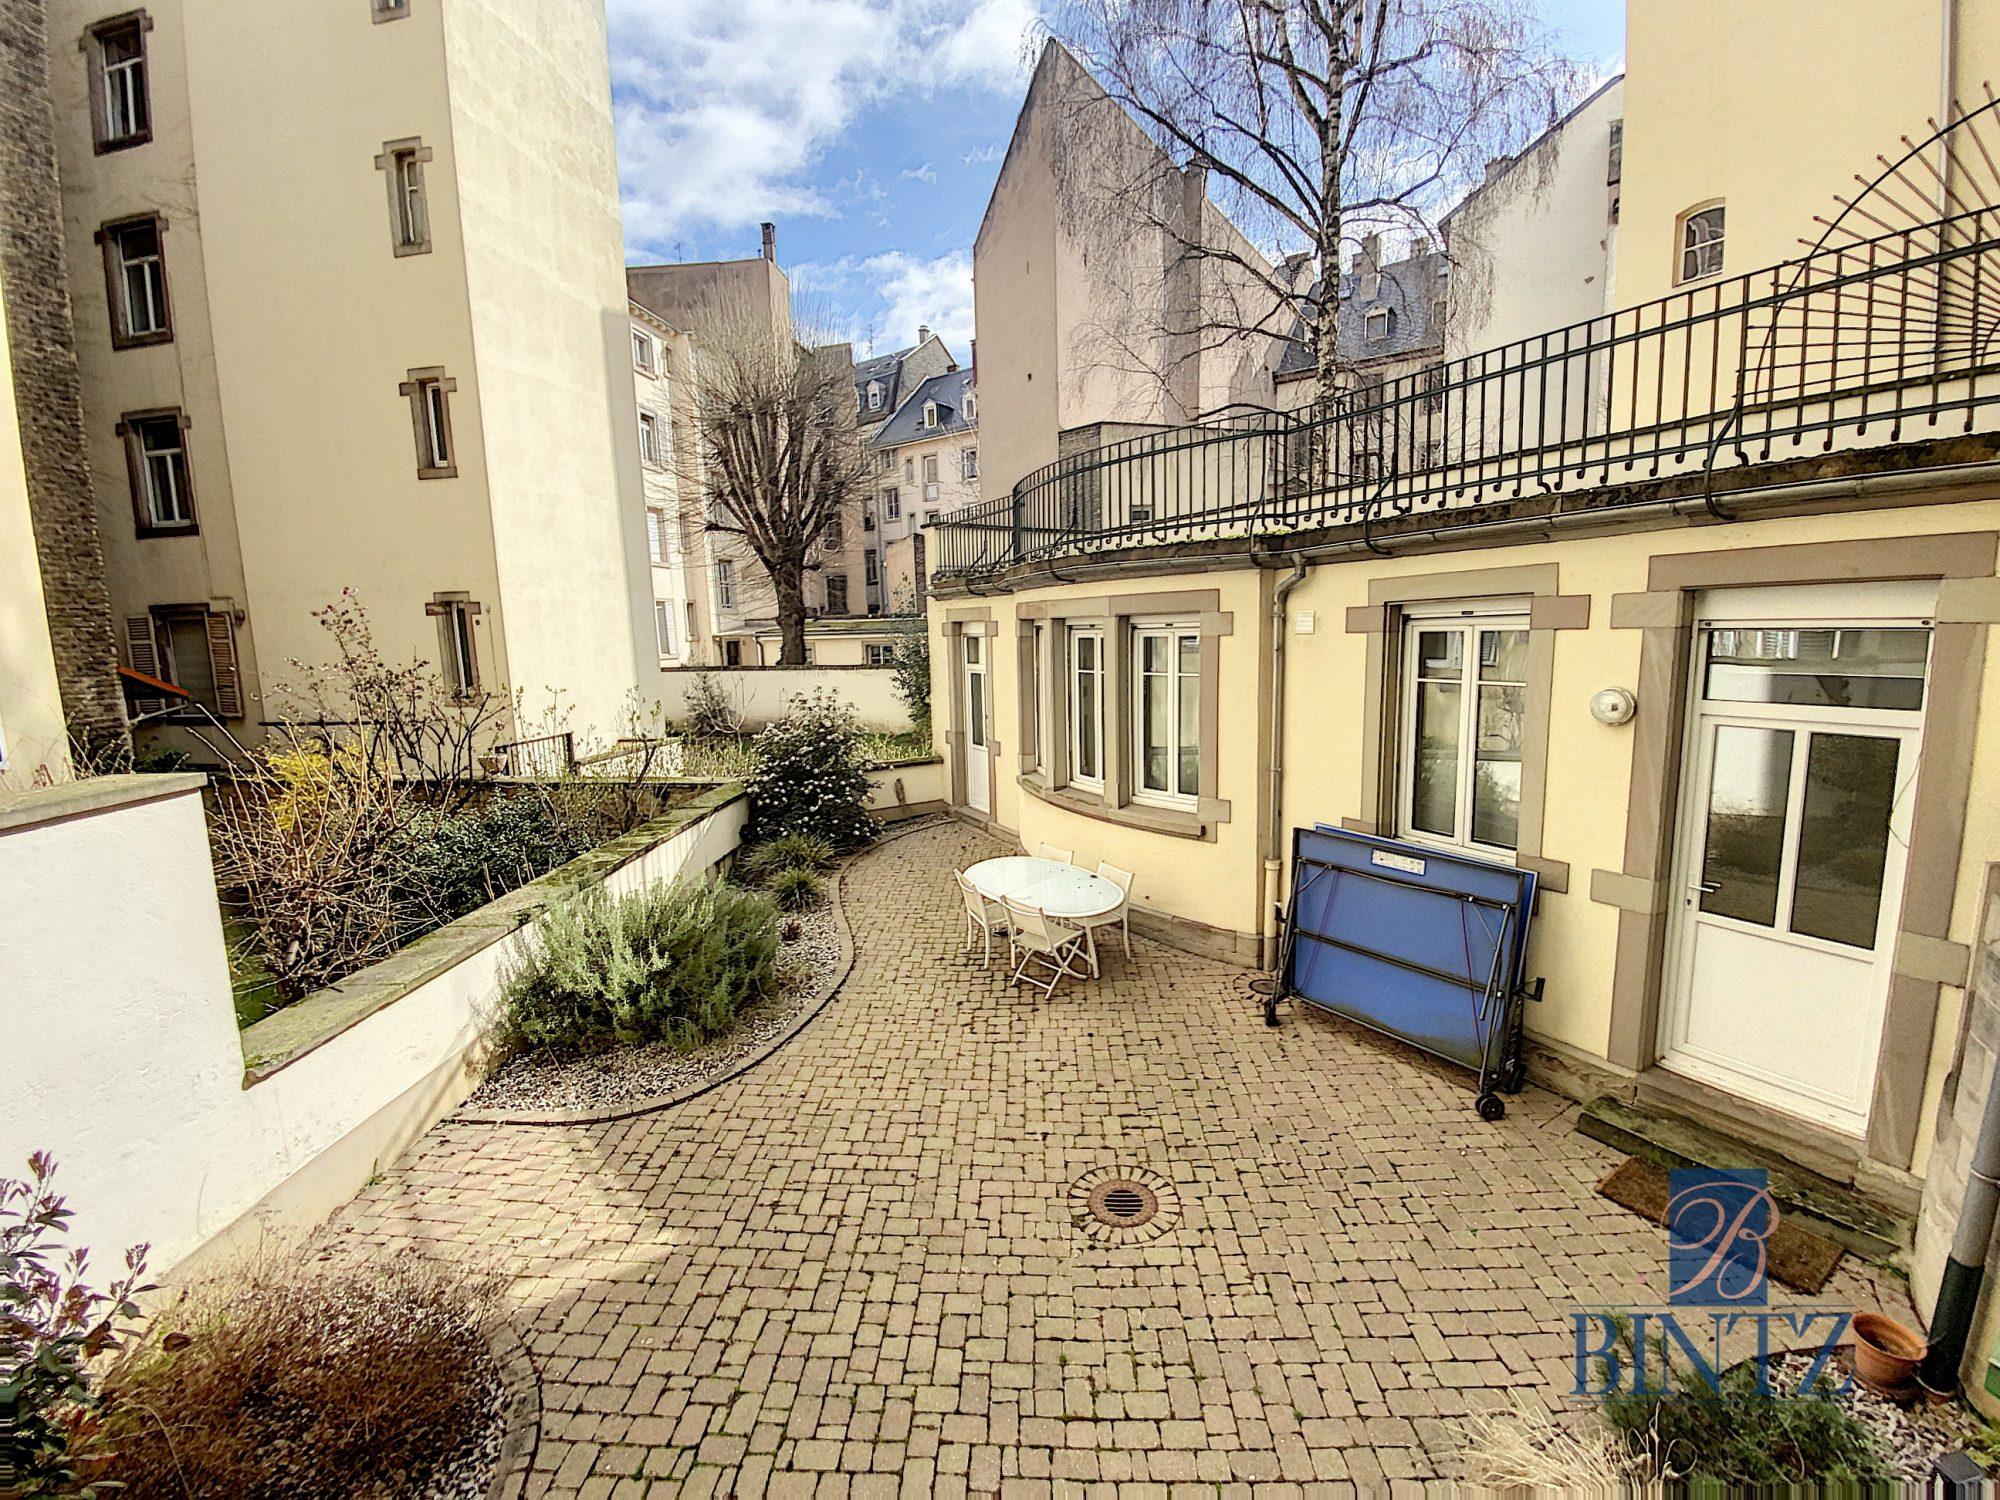 GRAND 1PIÈCE MEUBLÉ NEUSTADT - Devenez locataire en toute sérénité - Bintz Immobilier - 5